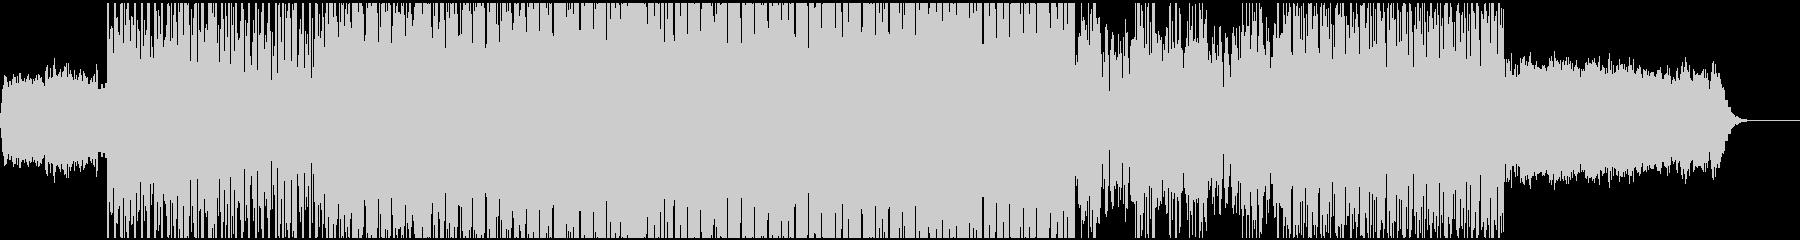 EDM系のミディアムなSynthwaveの未再生の波形